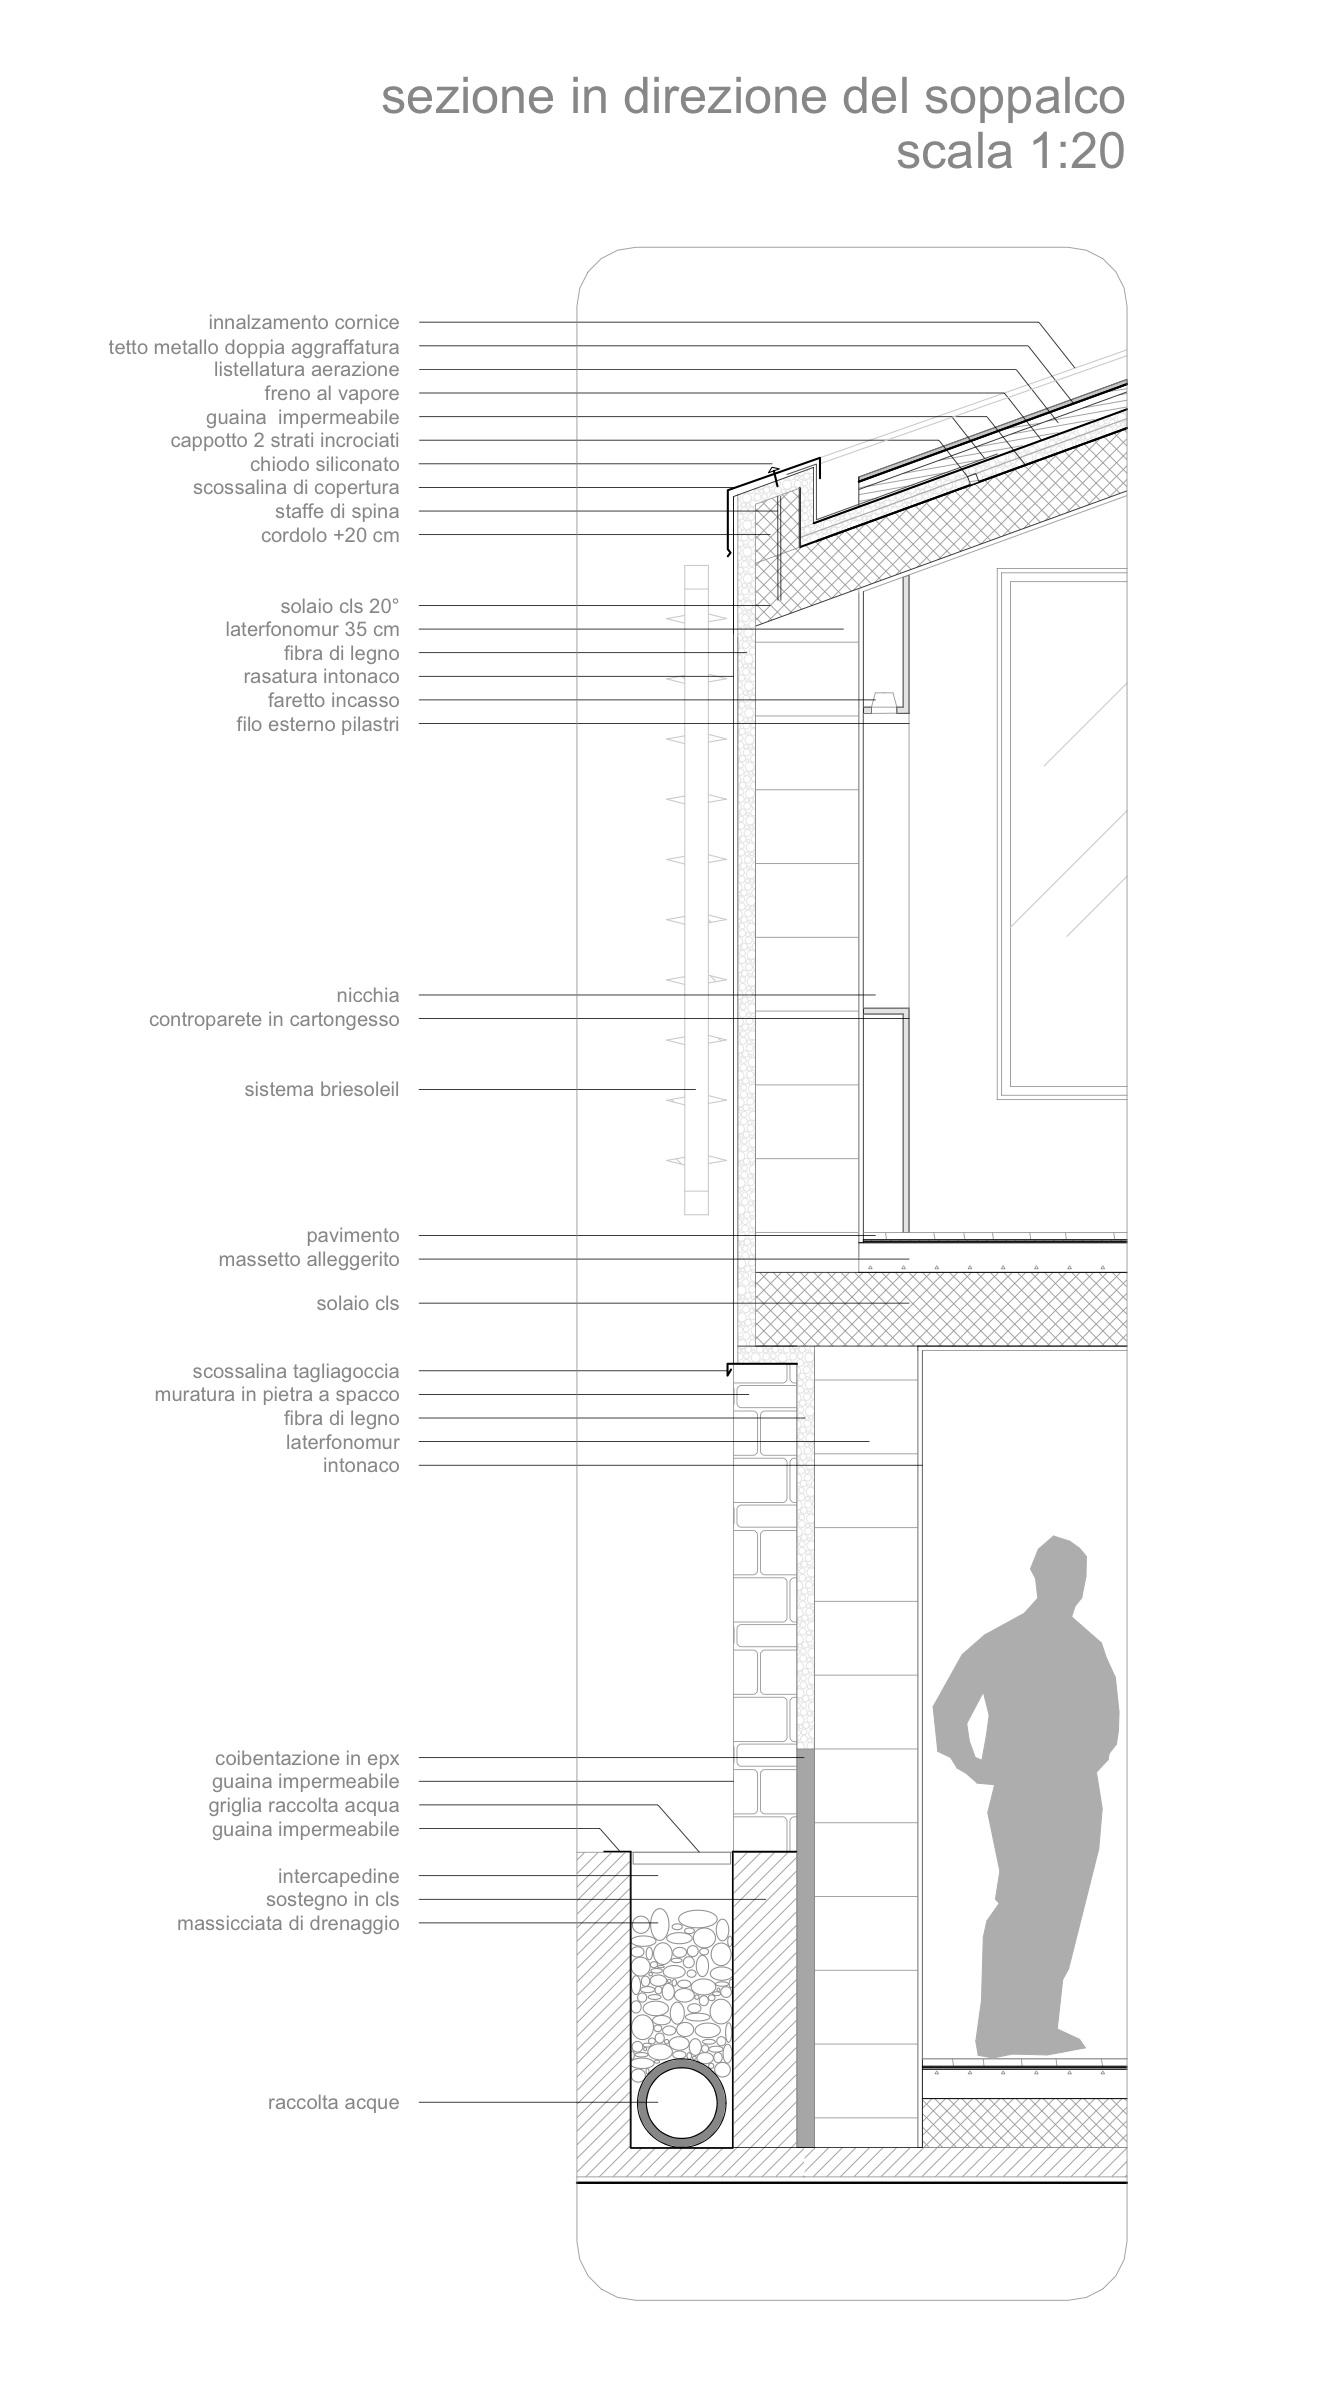 Le Fibre Del Legno idea 1080185: villa f09 by m12 architecture design in bari